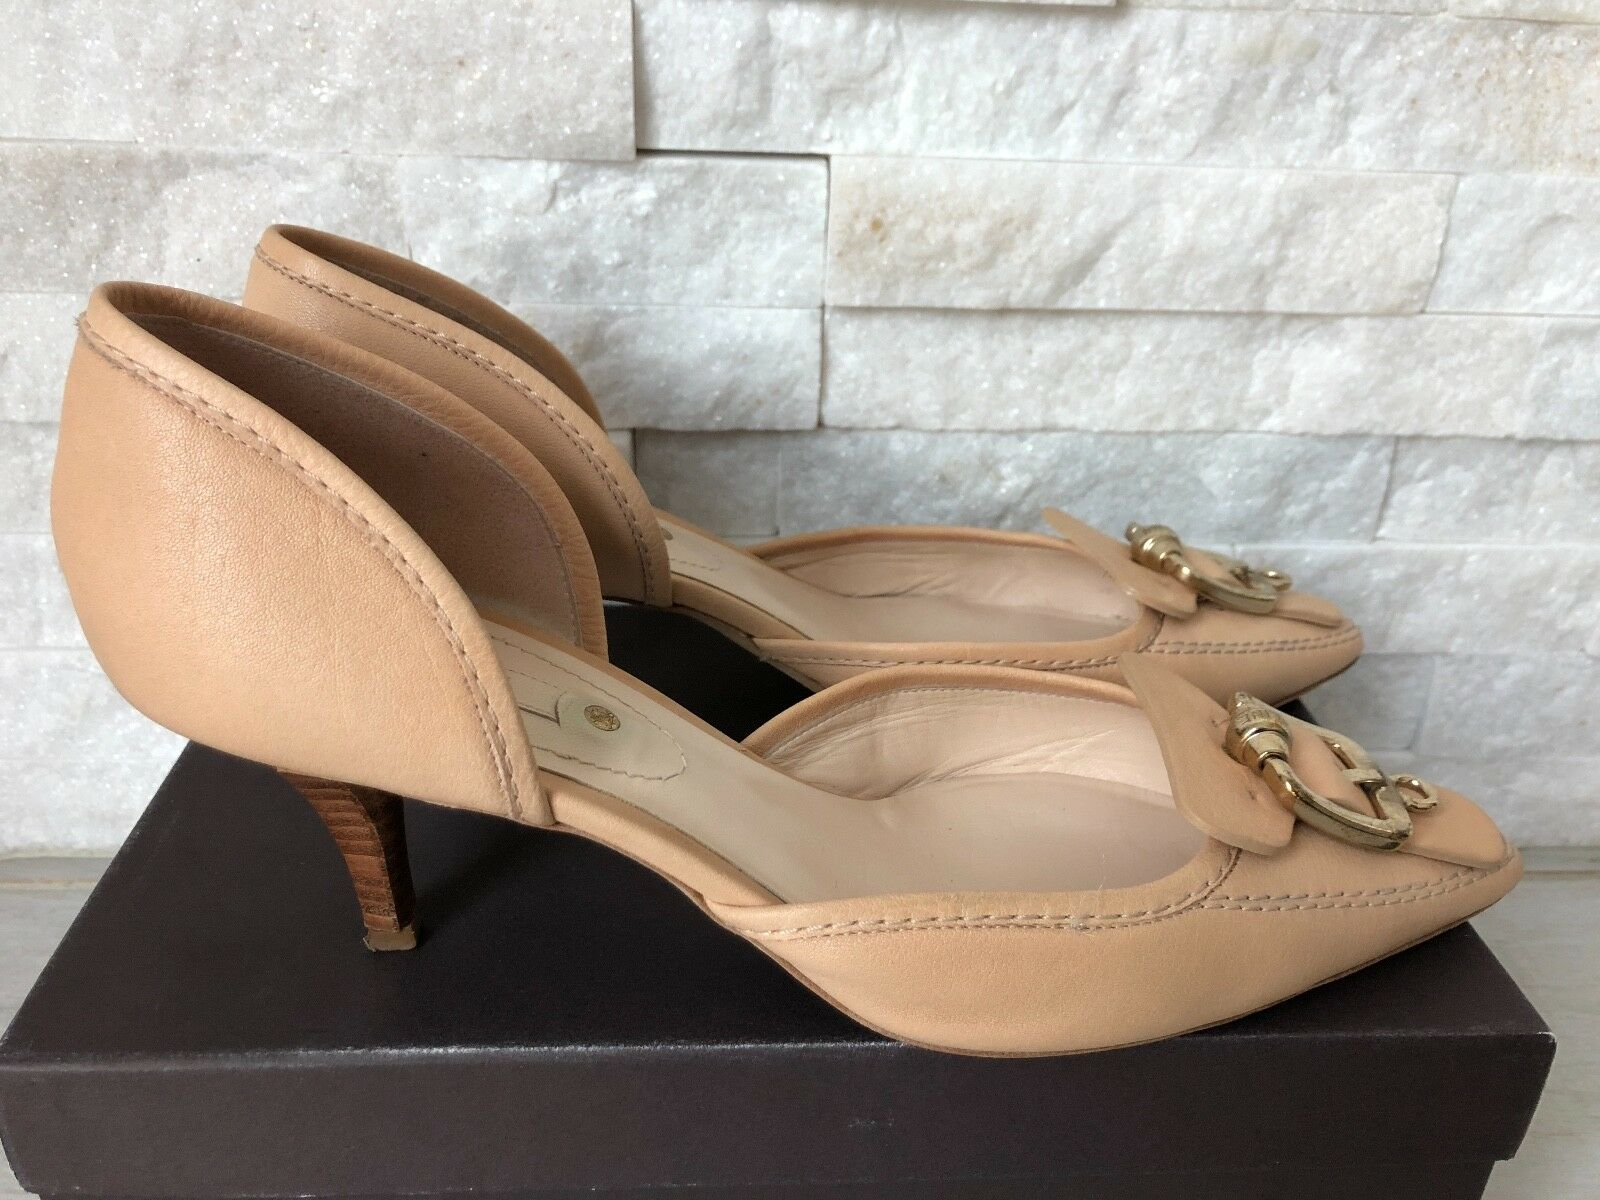 da non perdere! Pre-owned Celine Classic Classic Classic Blush Nude Leather Pumps Kitten Heel scarpe 40.5 10.5  articoli promozionali